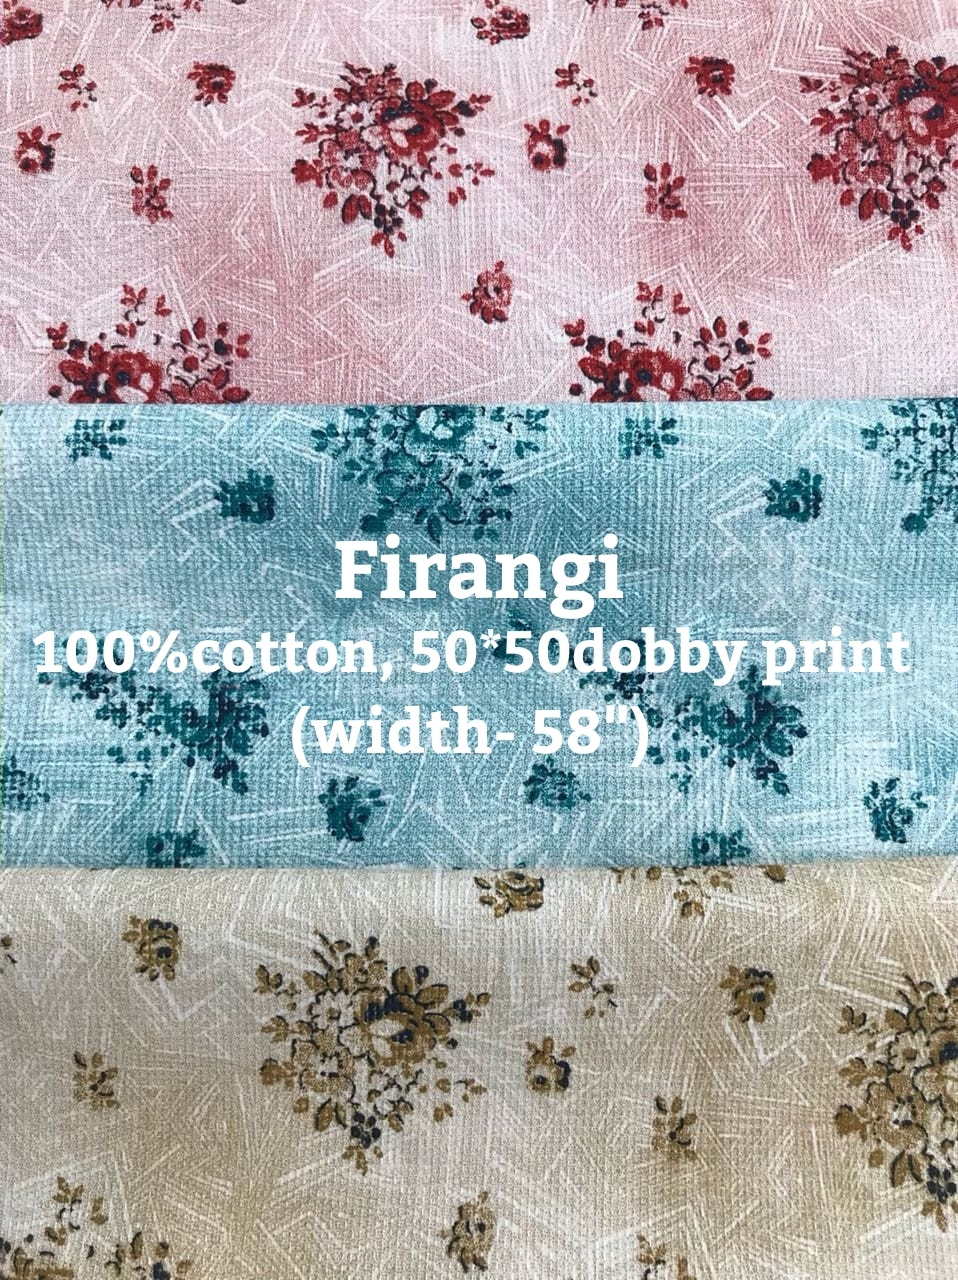 Firangi 100% cotton 50*50 dobby print